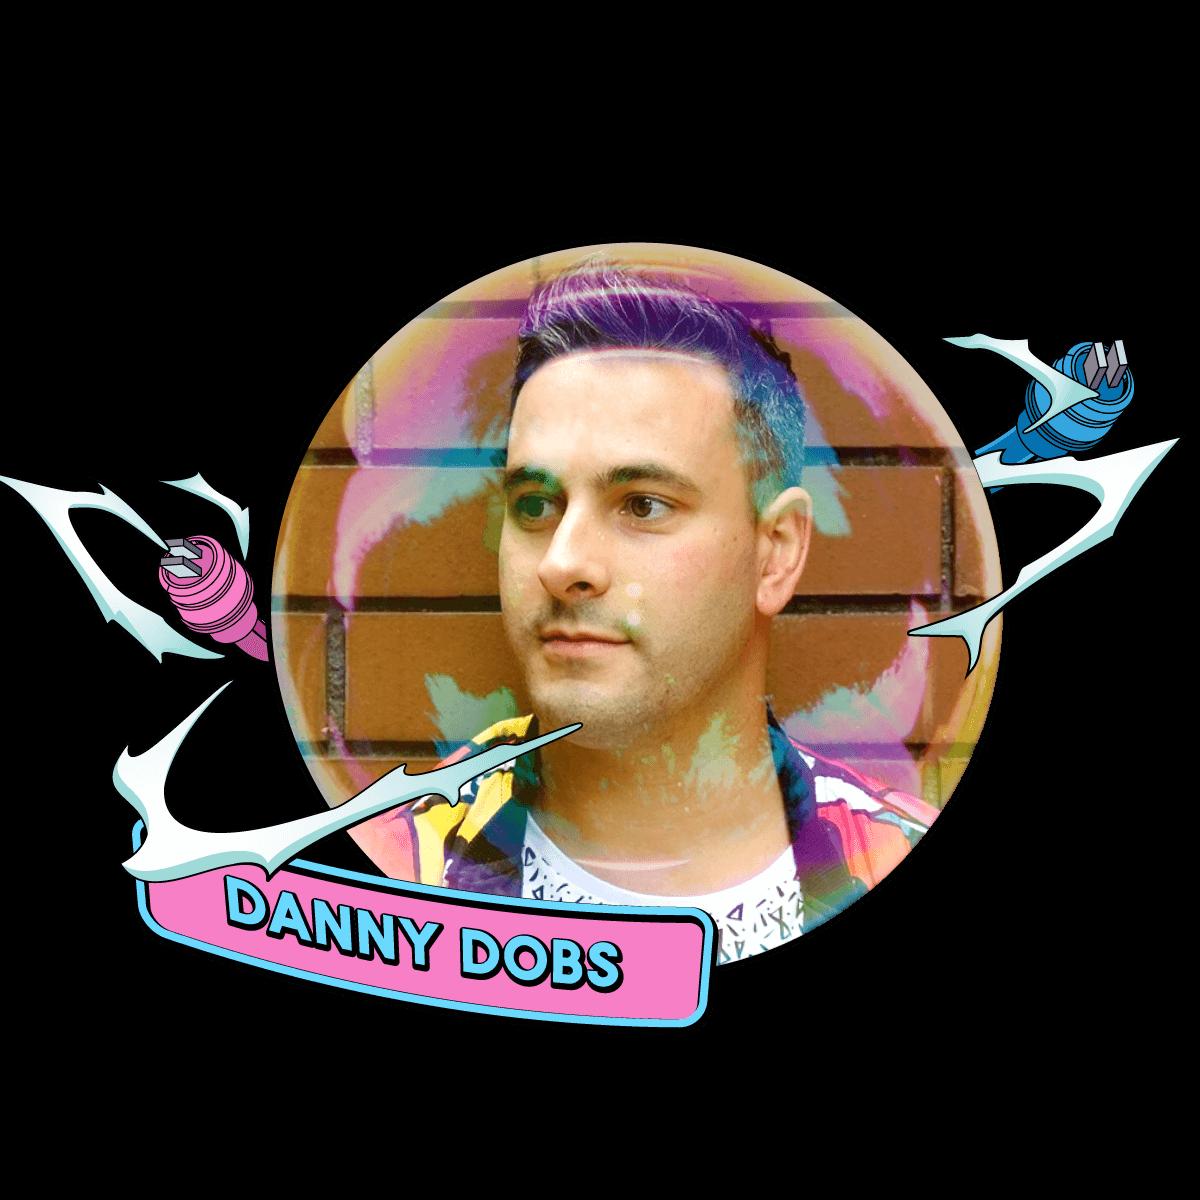 Danny Dobs